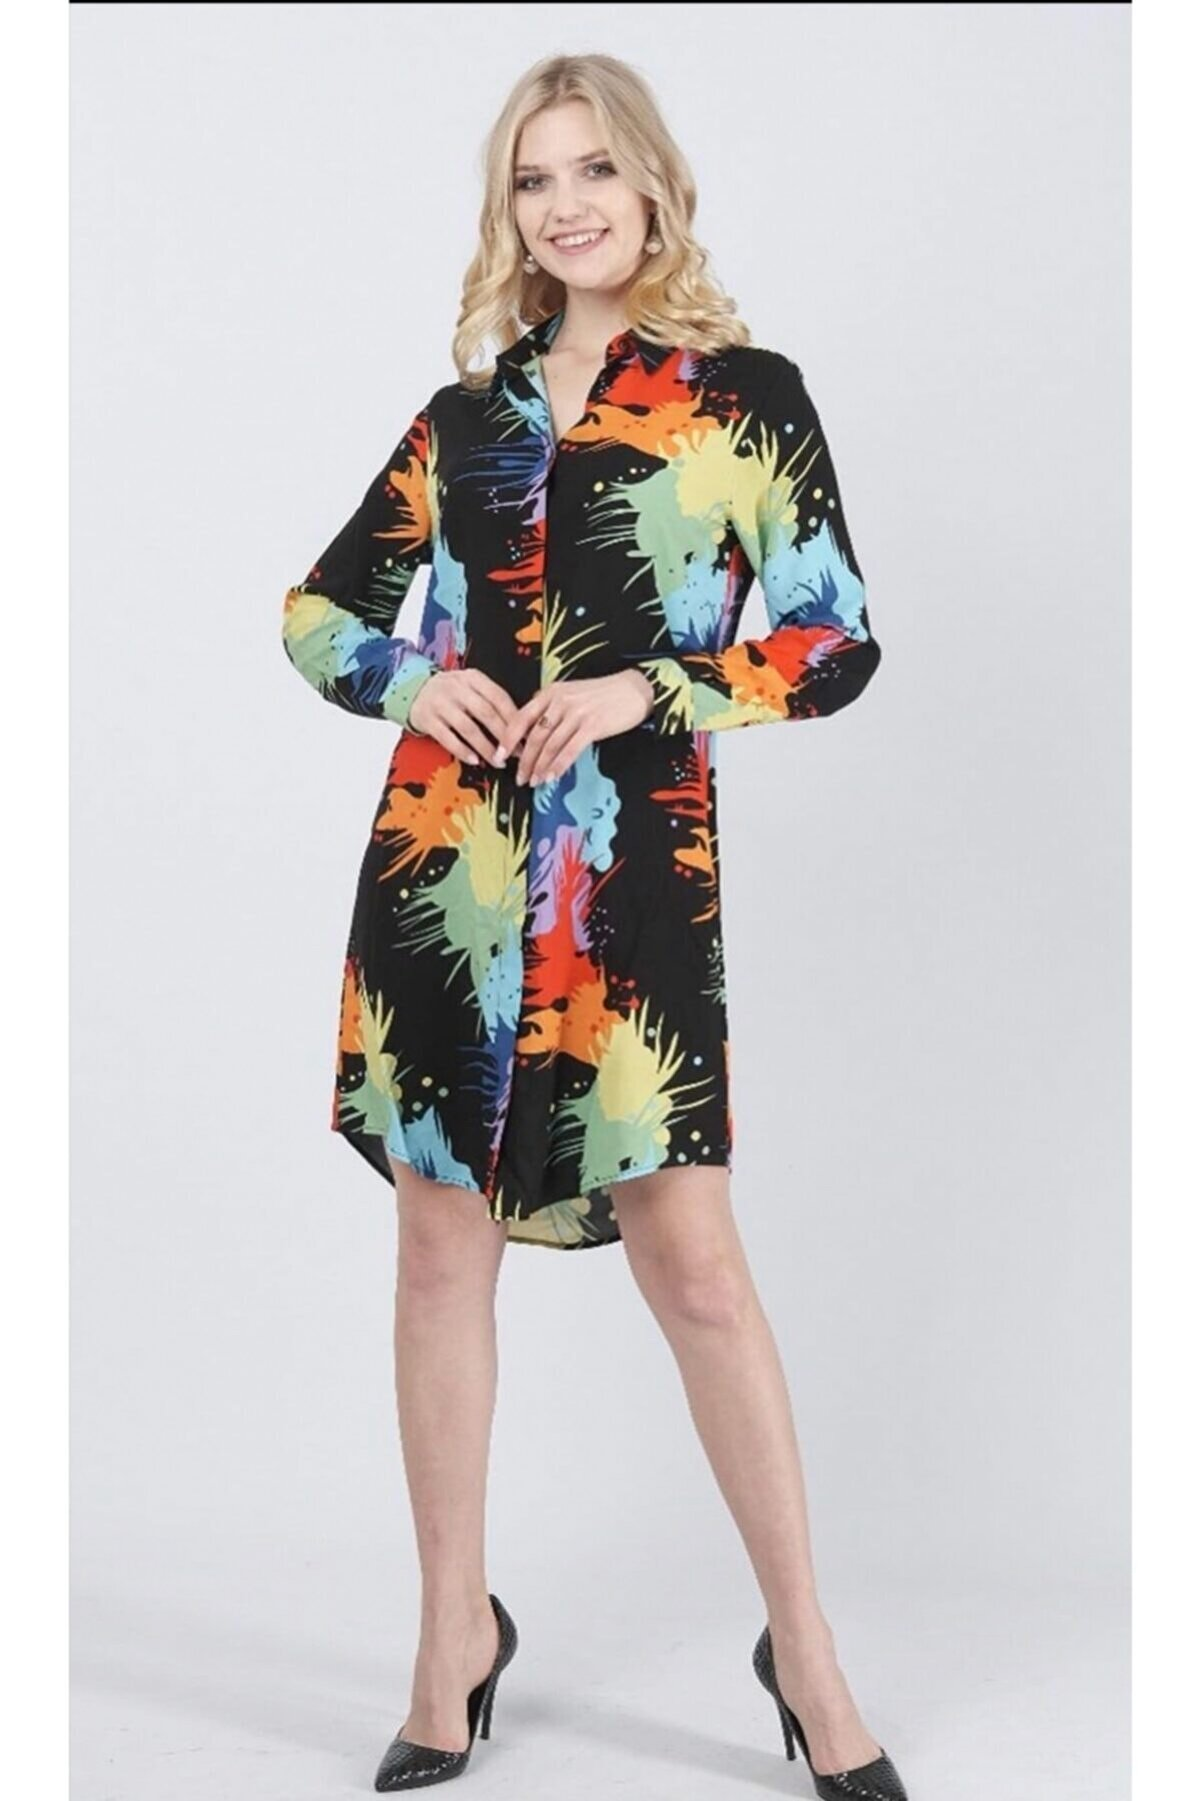 GUUZİA Kadın Viskon Tunik Gömlek Elbise Karışık Renk (SİYAH, SARI, KIRMIZI, YEŞİL)